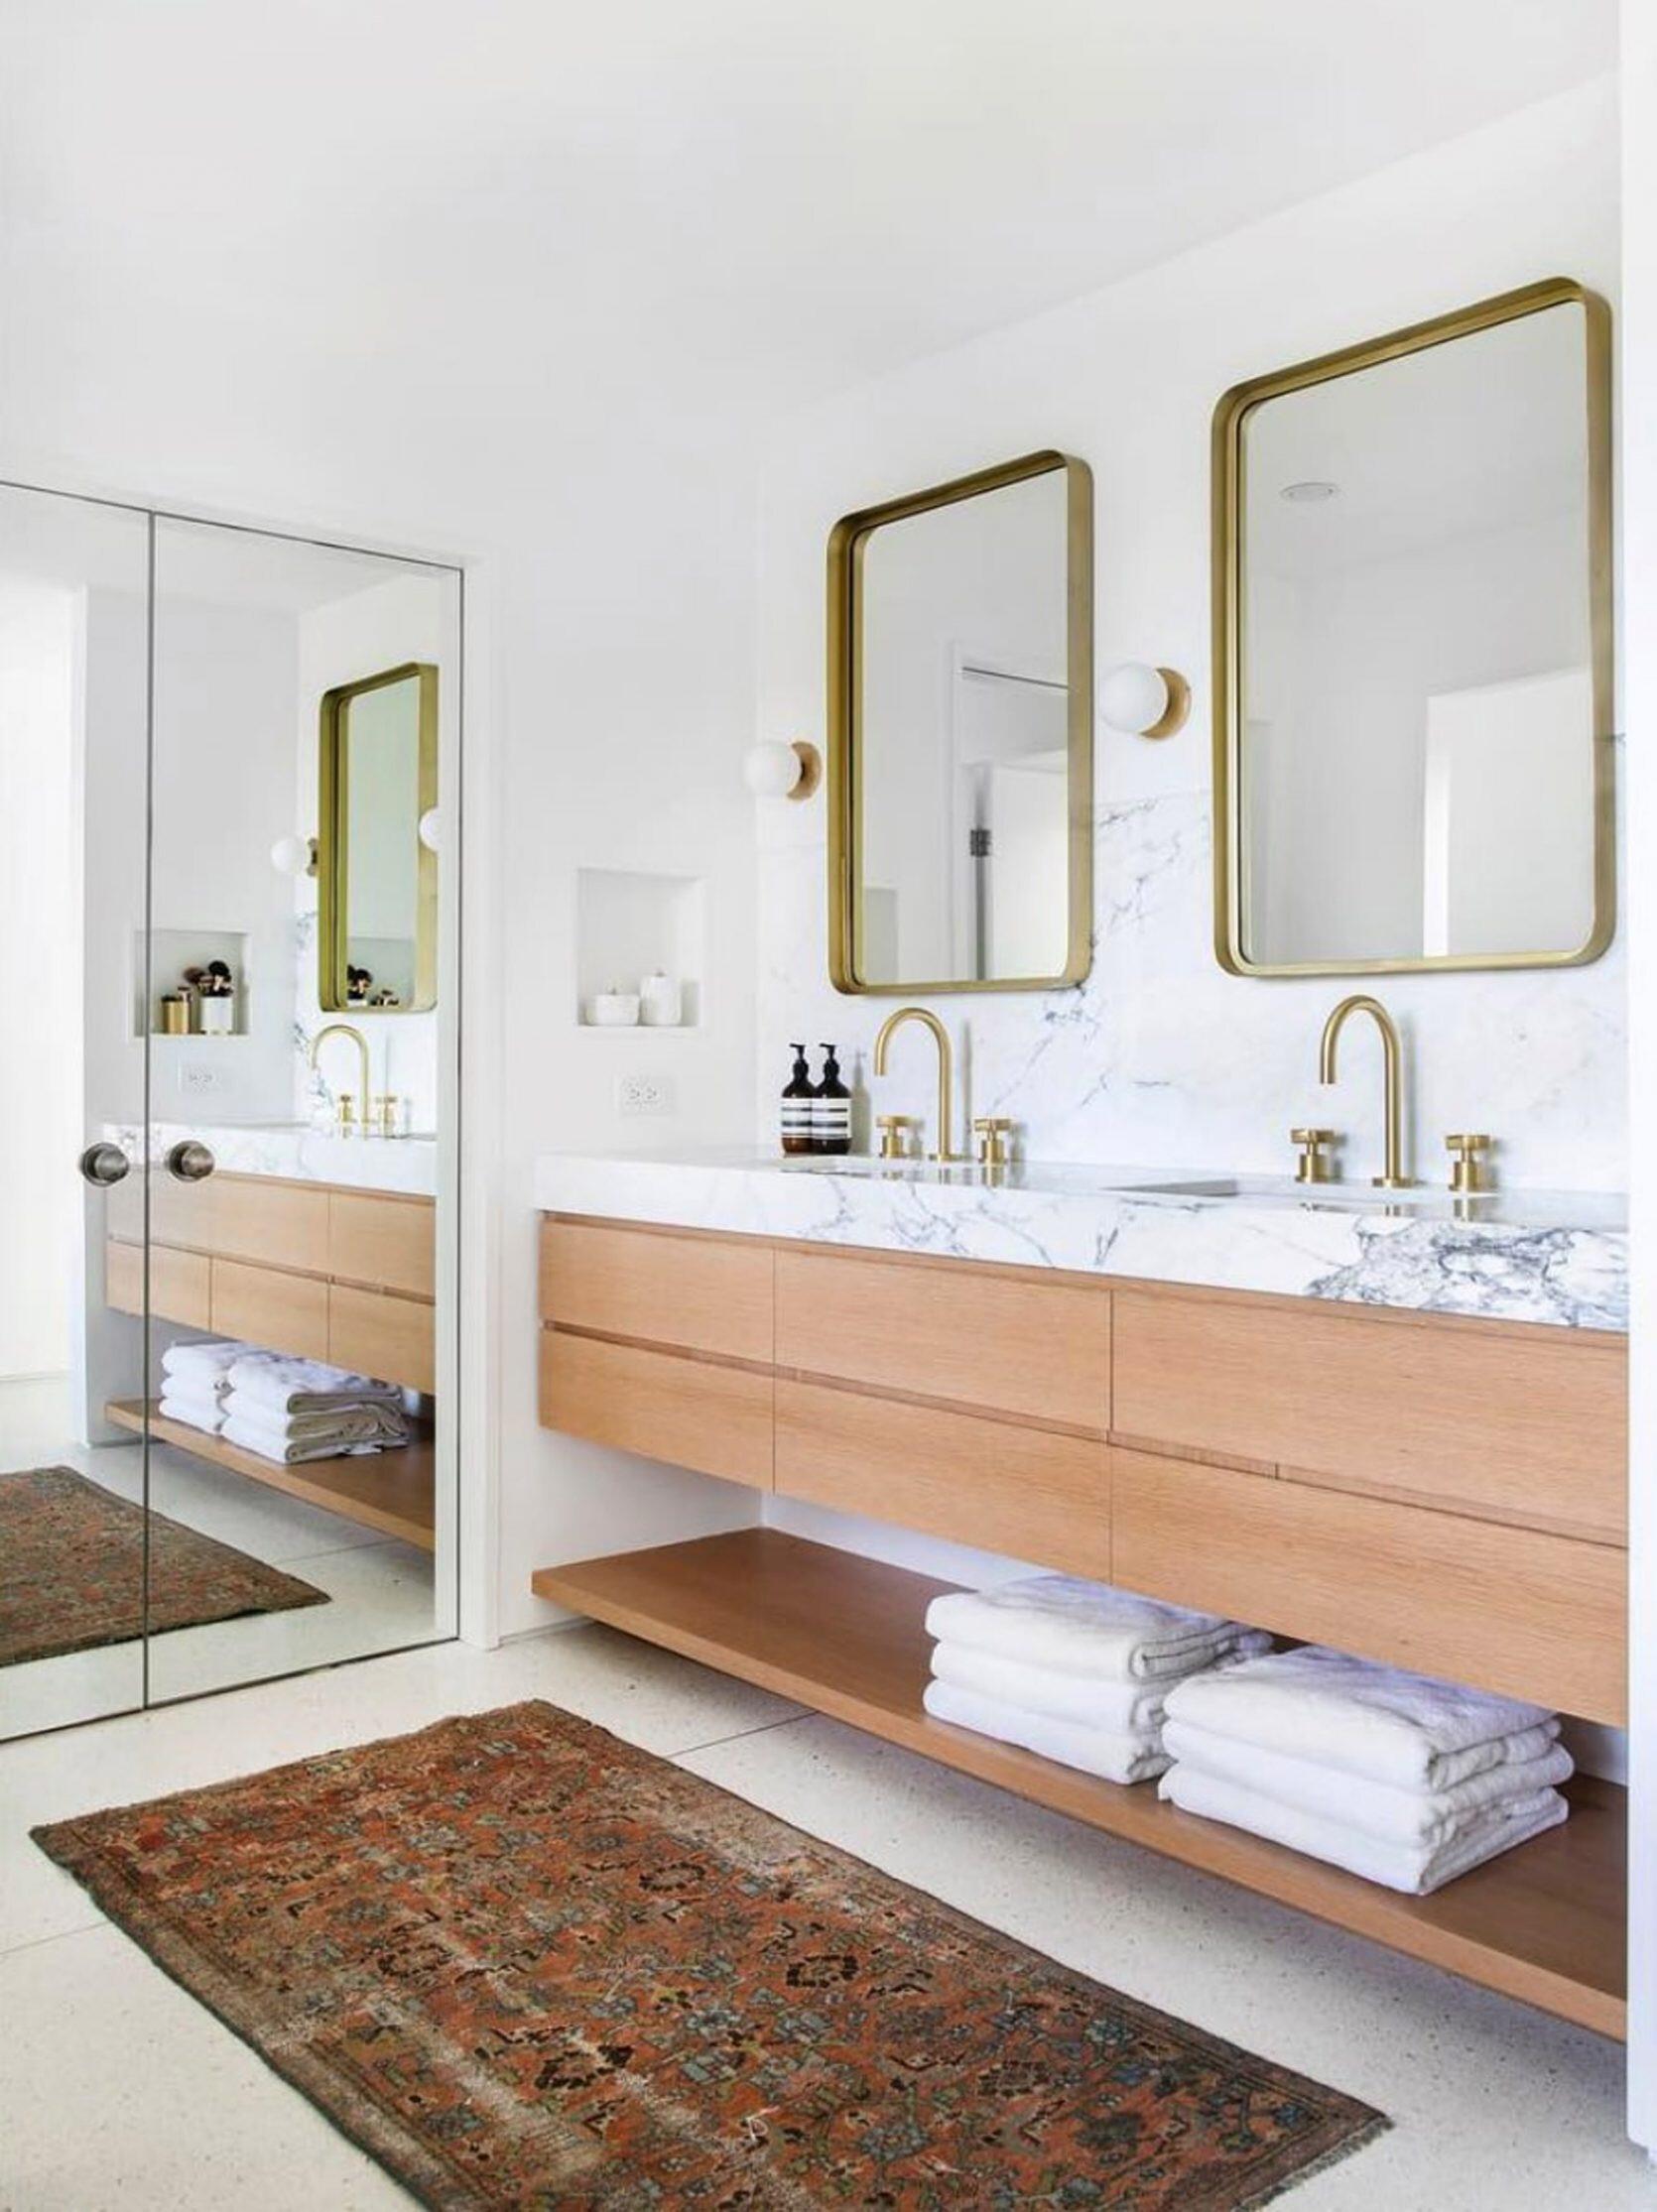 espelhos-retângulos-arredondados-design-de-interiores-para-as-casa-de-banho-em-2019